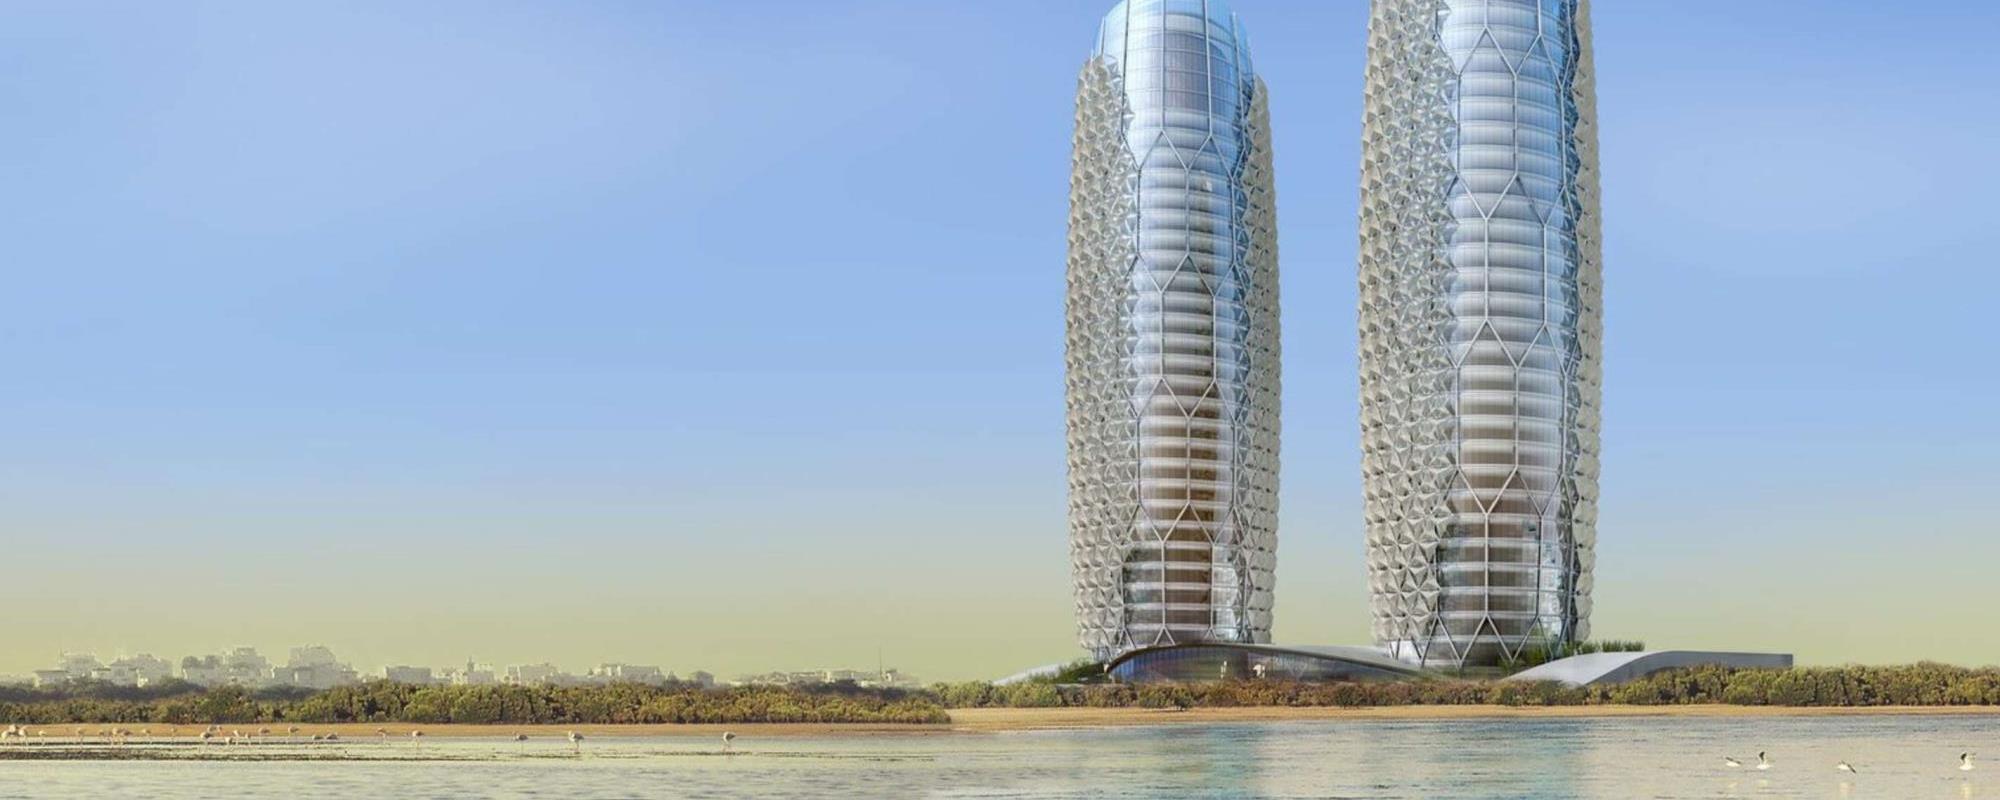 Al Bahar Towers Visitabudhabi Ae